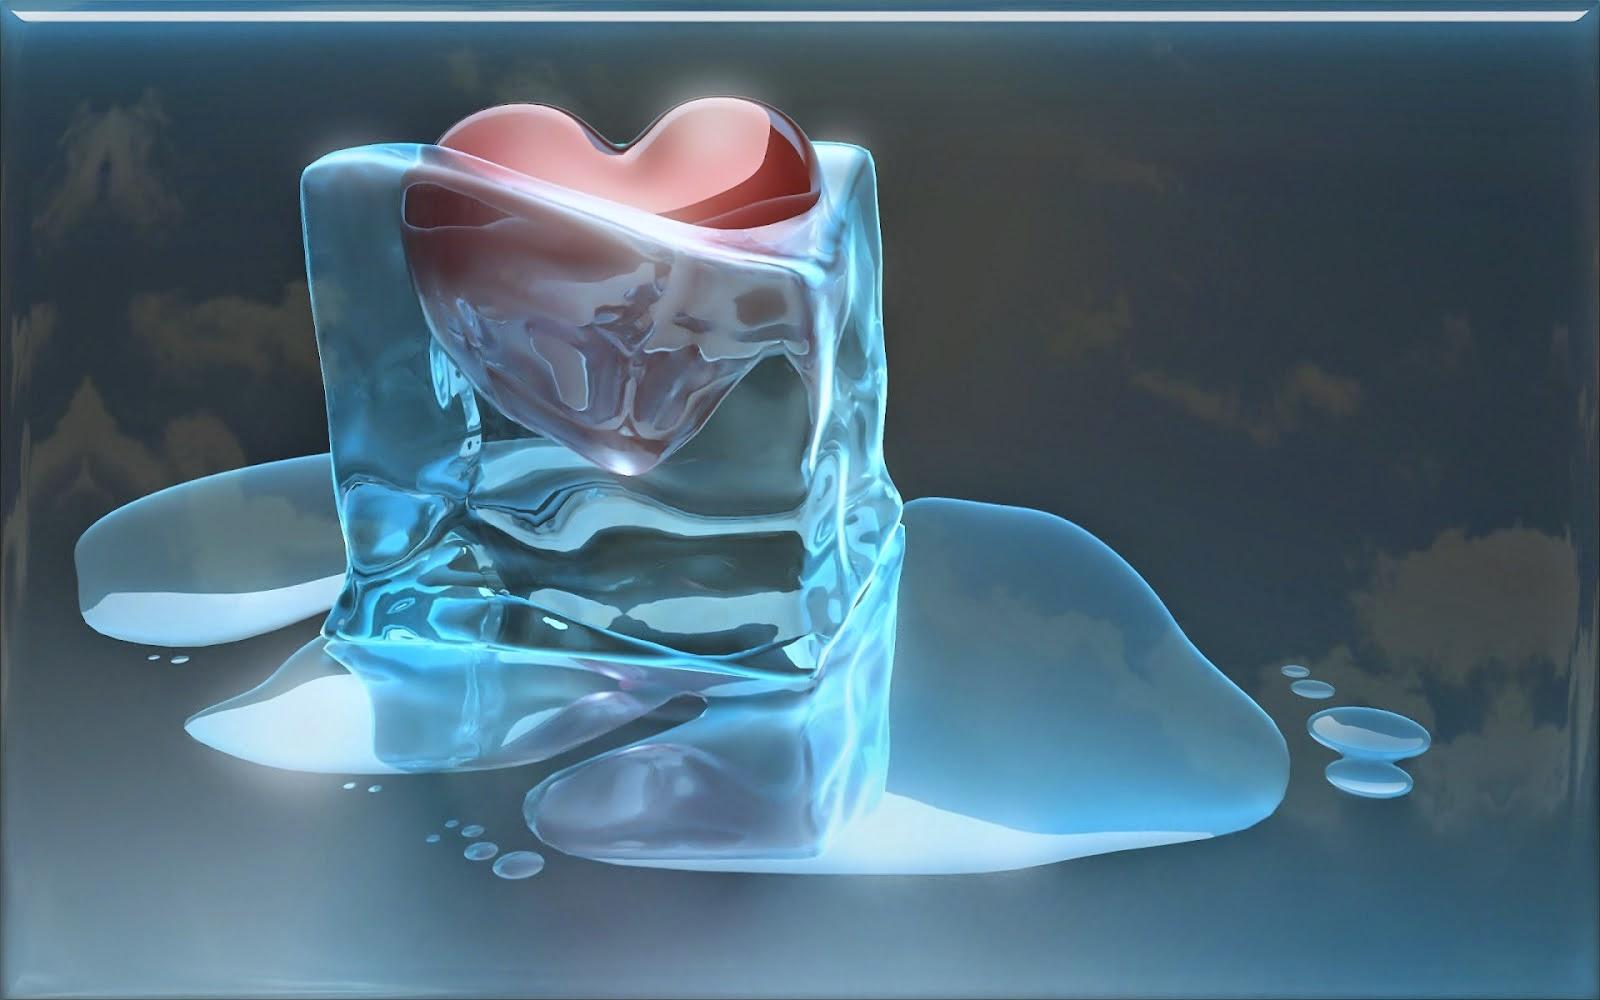 Clear Glass Heart Clorized In Hd Wallpaper